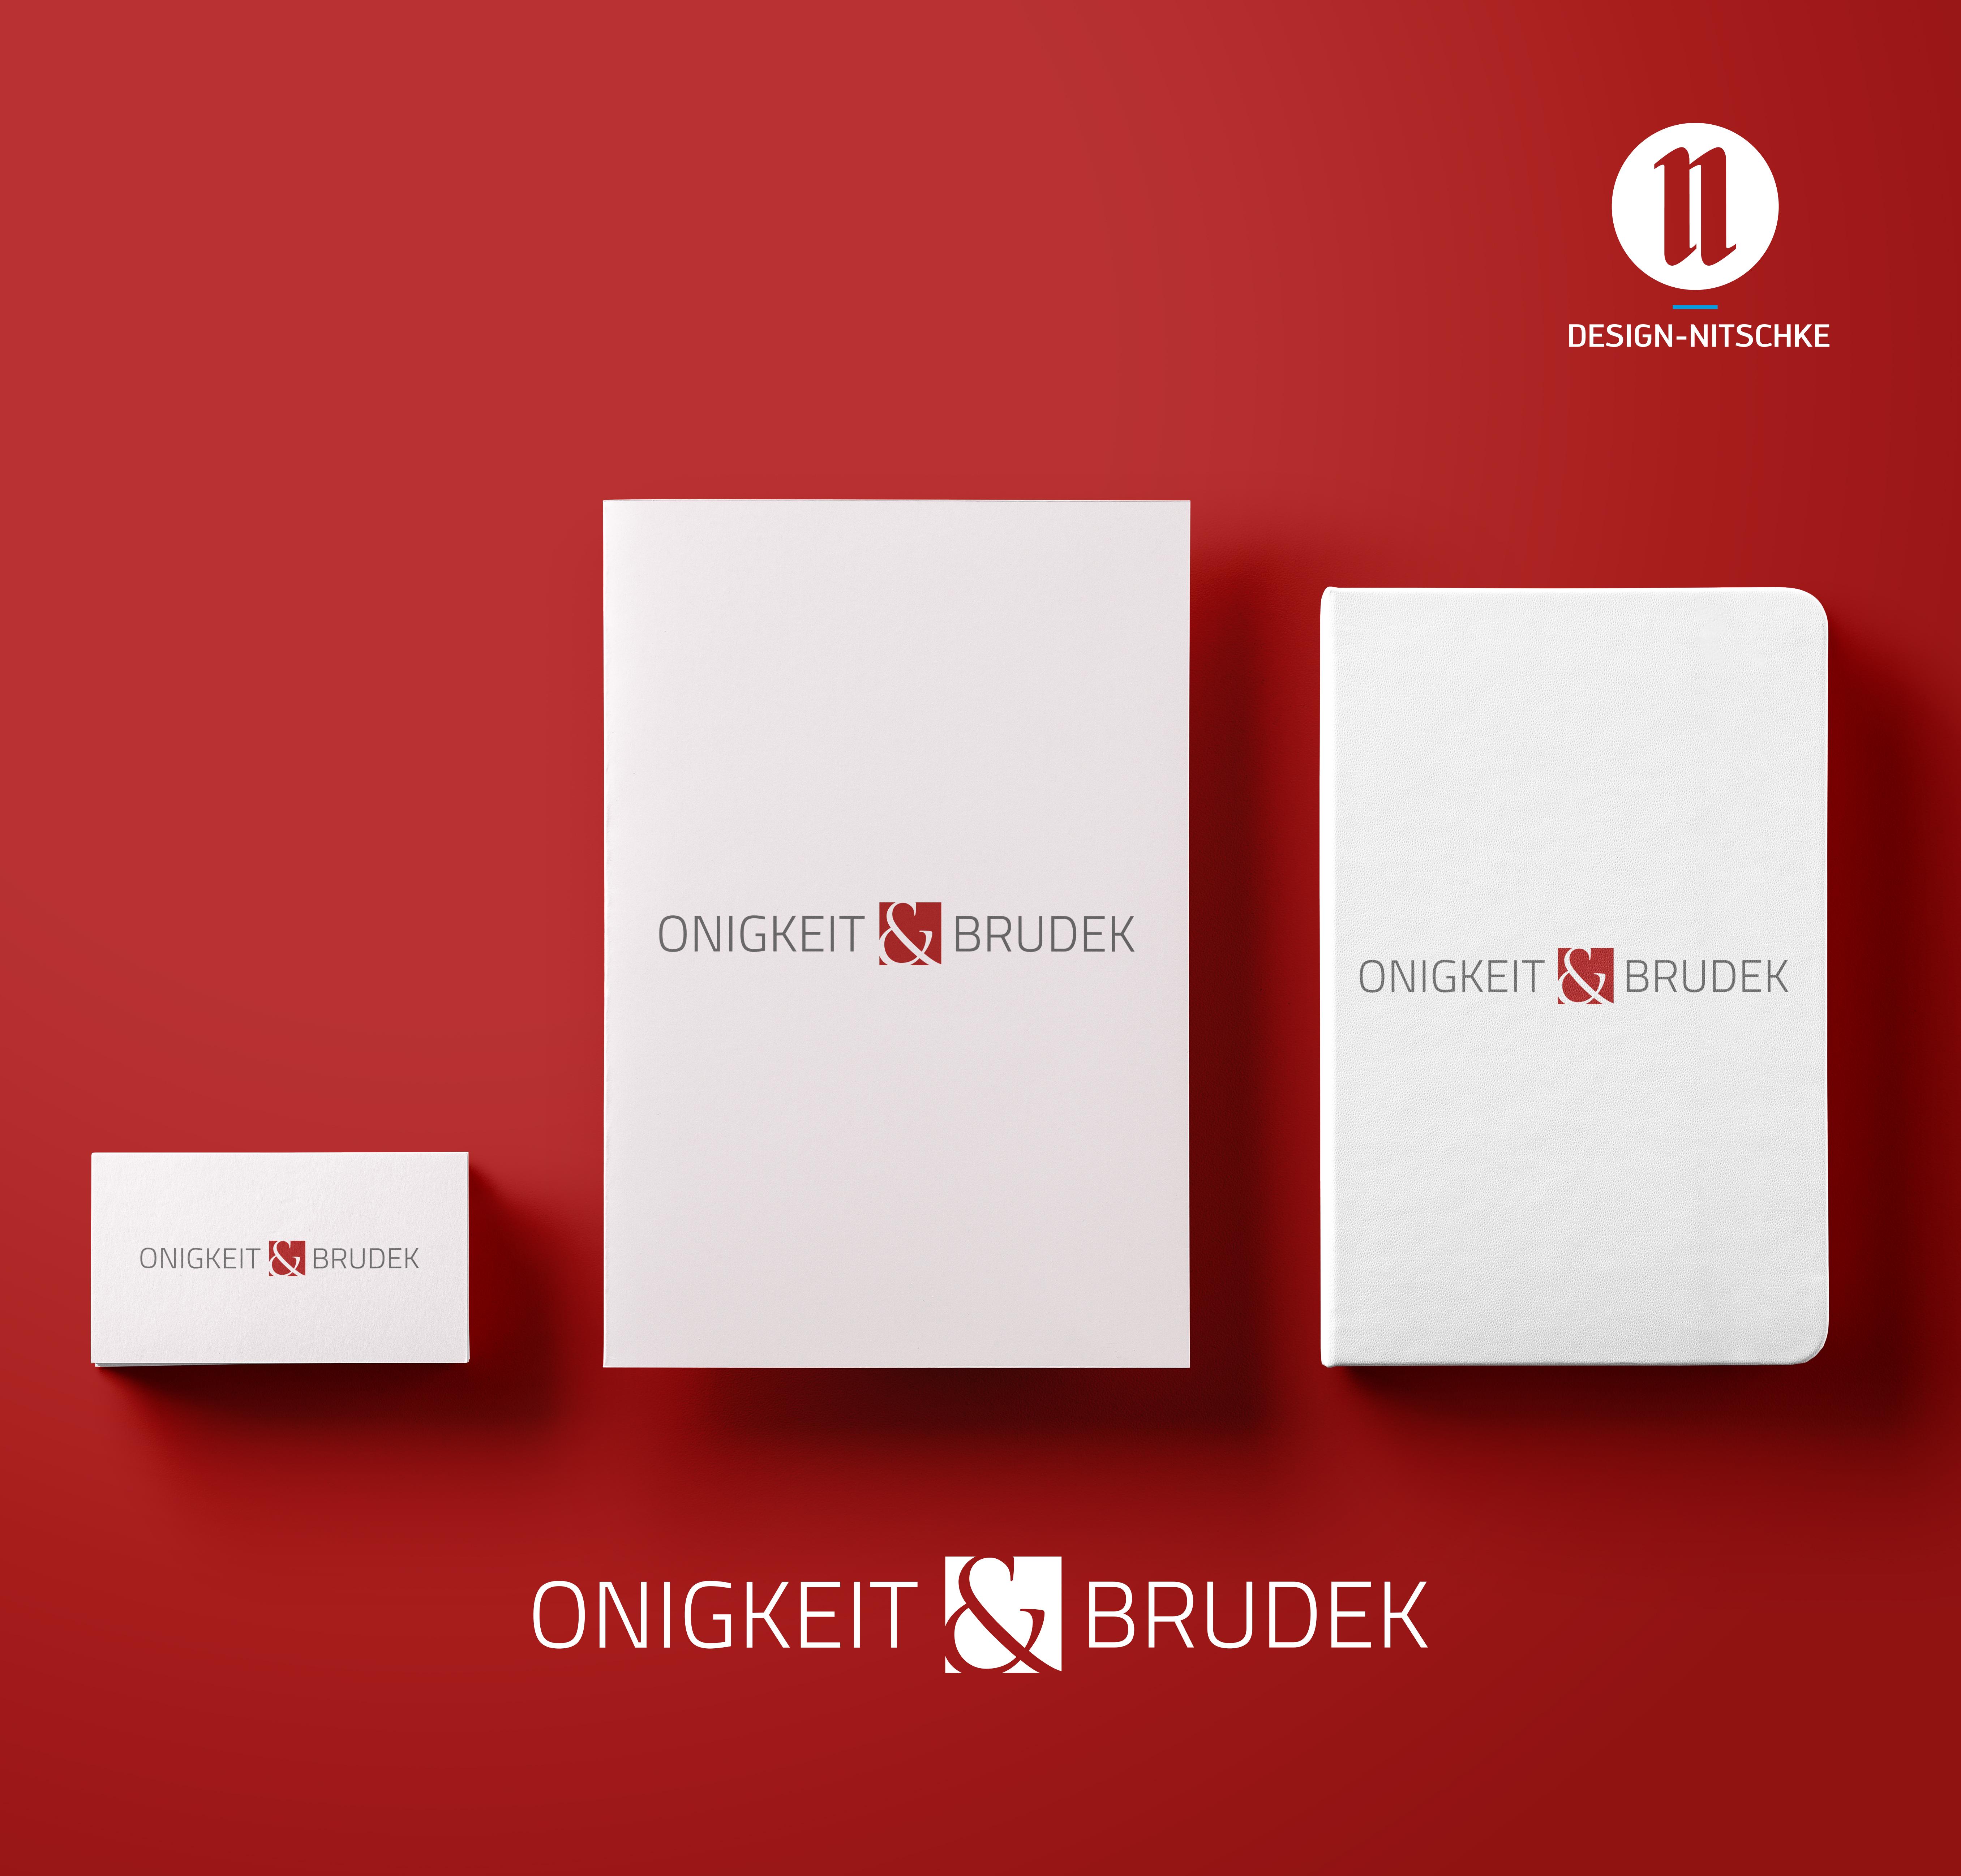 onigkeit_brudek_ci_logo_design_nitschke_werbeagentru_oranienburg_rot.jpg